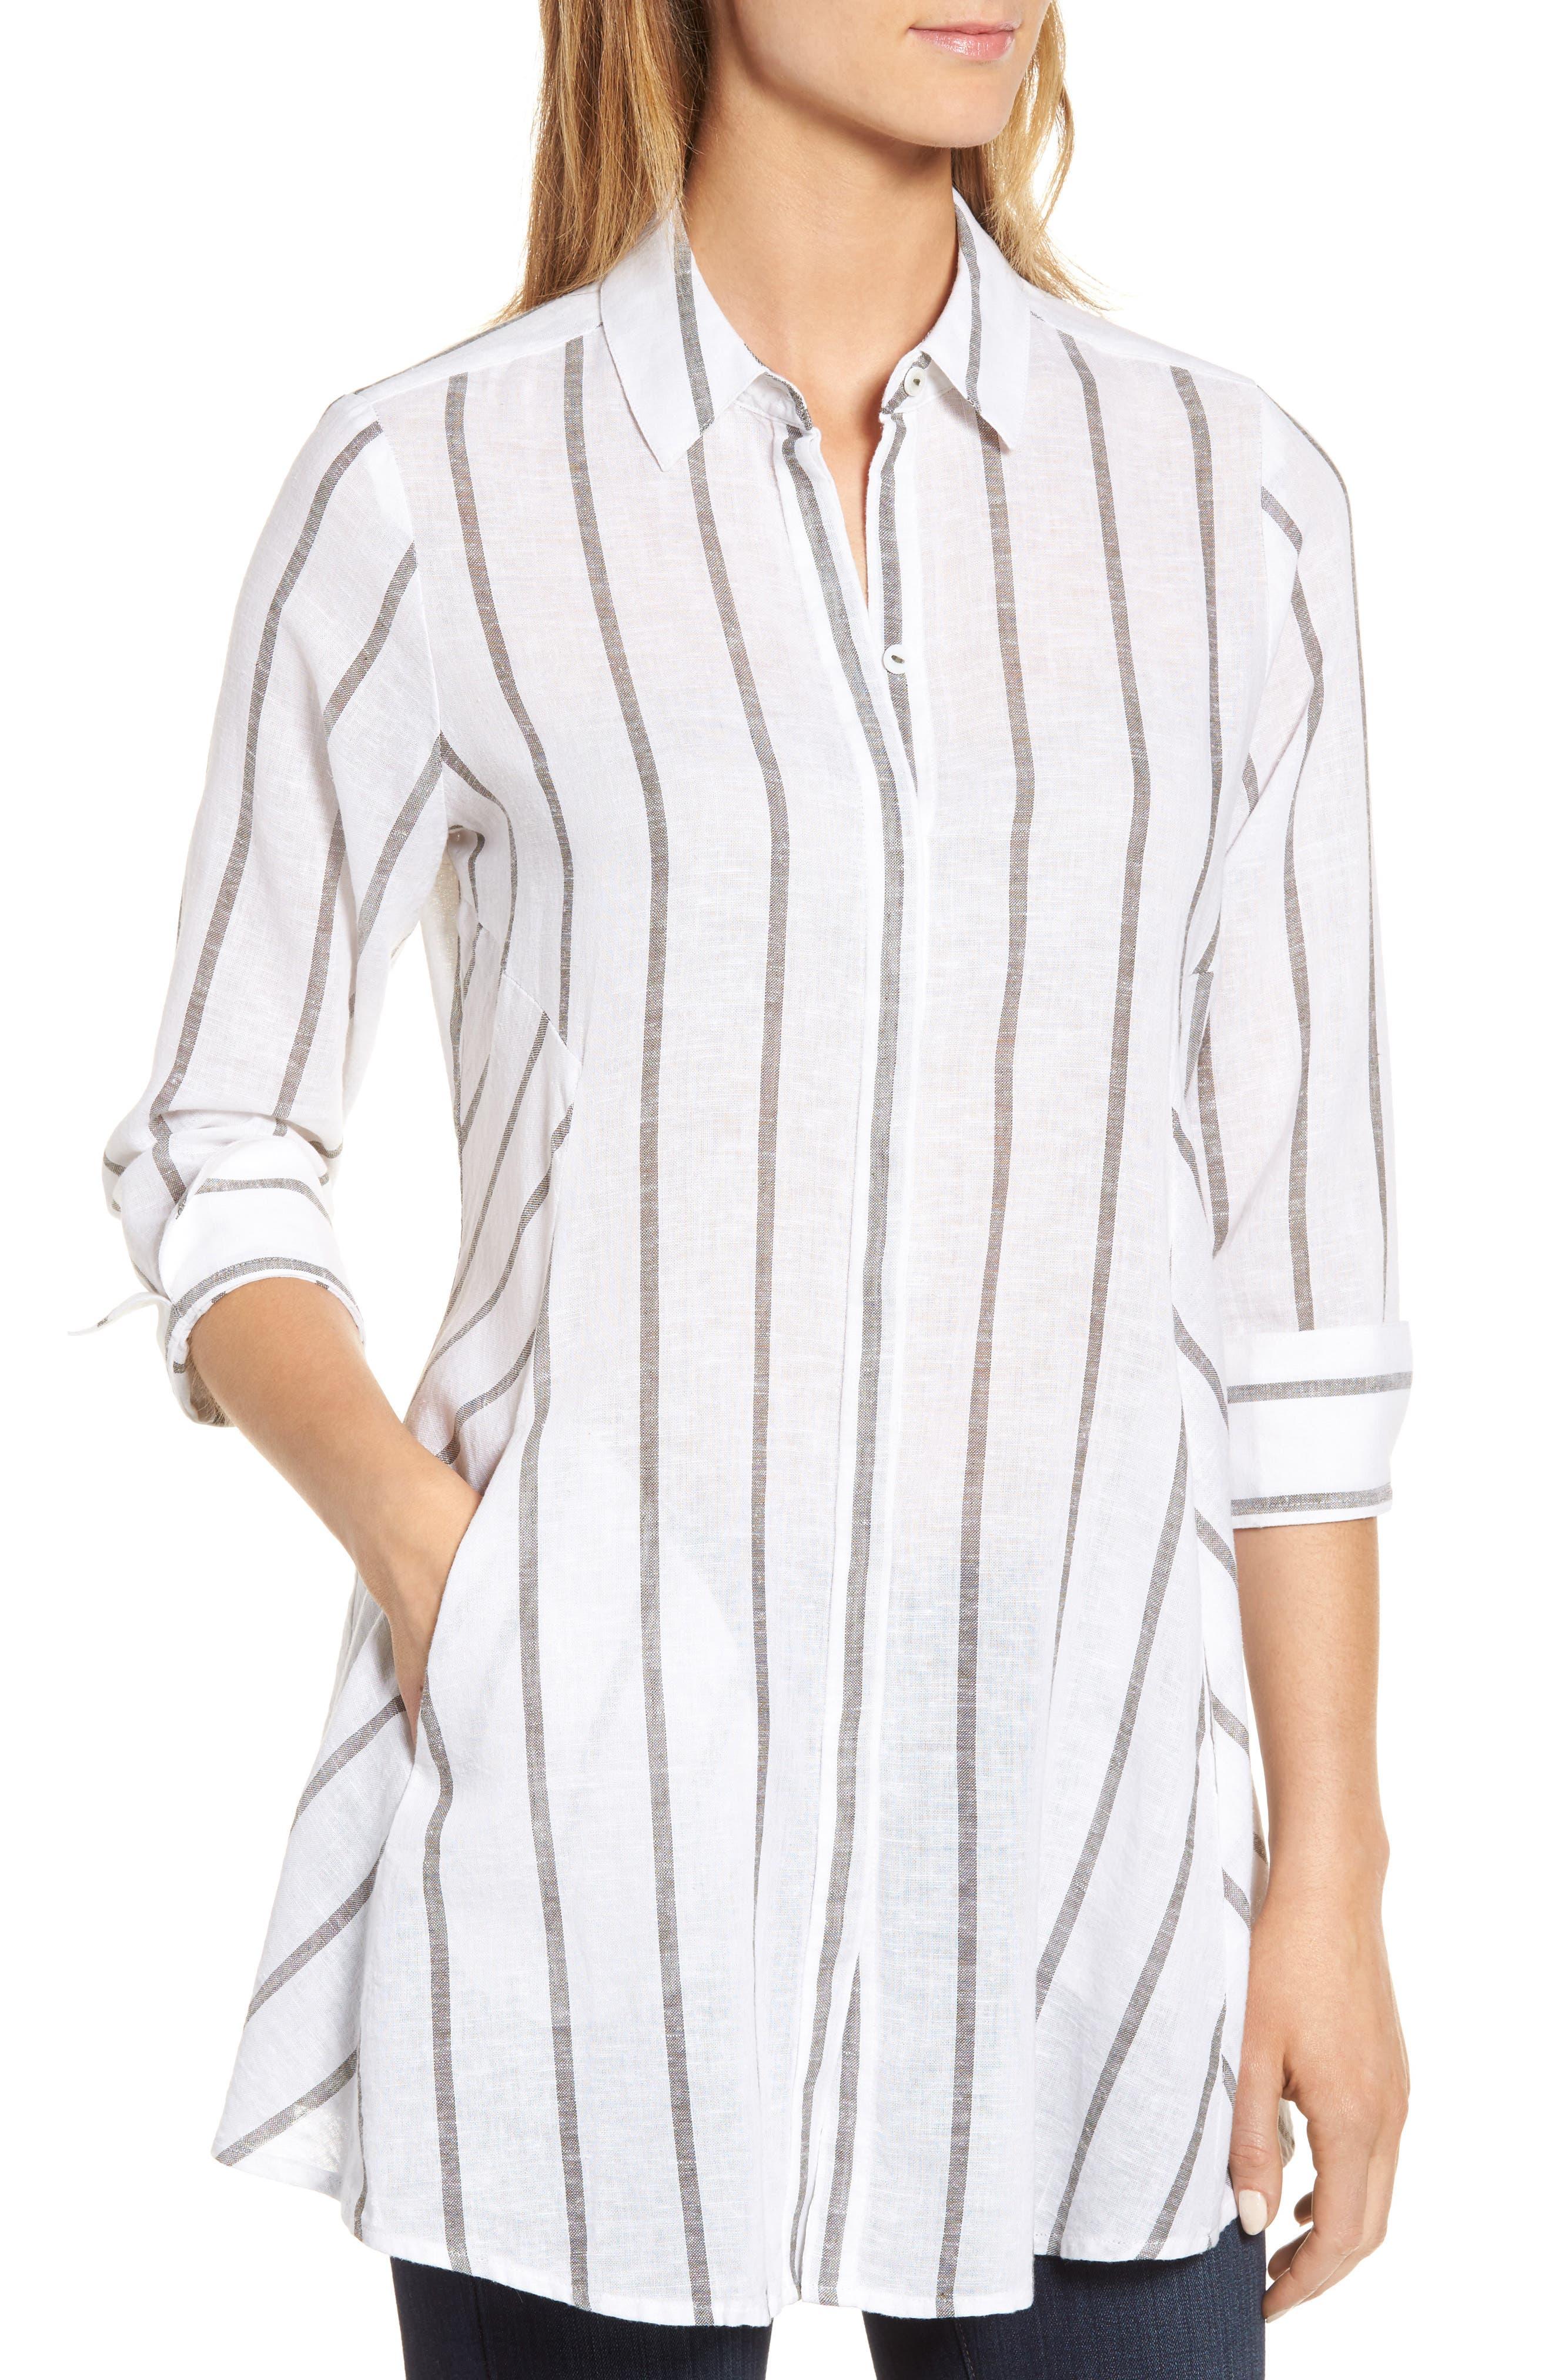 Stripe Tunic Shirt,                             Alternate thumbnail 4, color,                             192